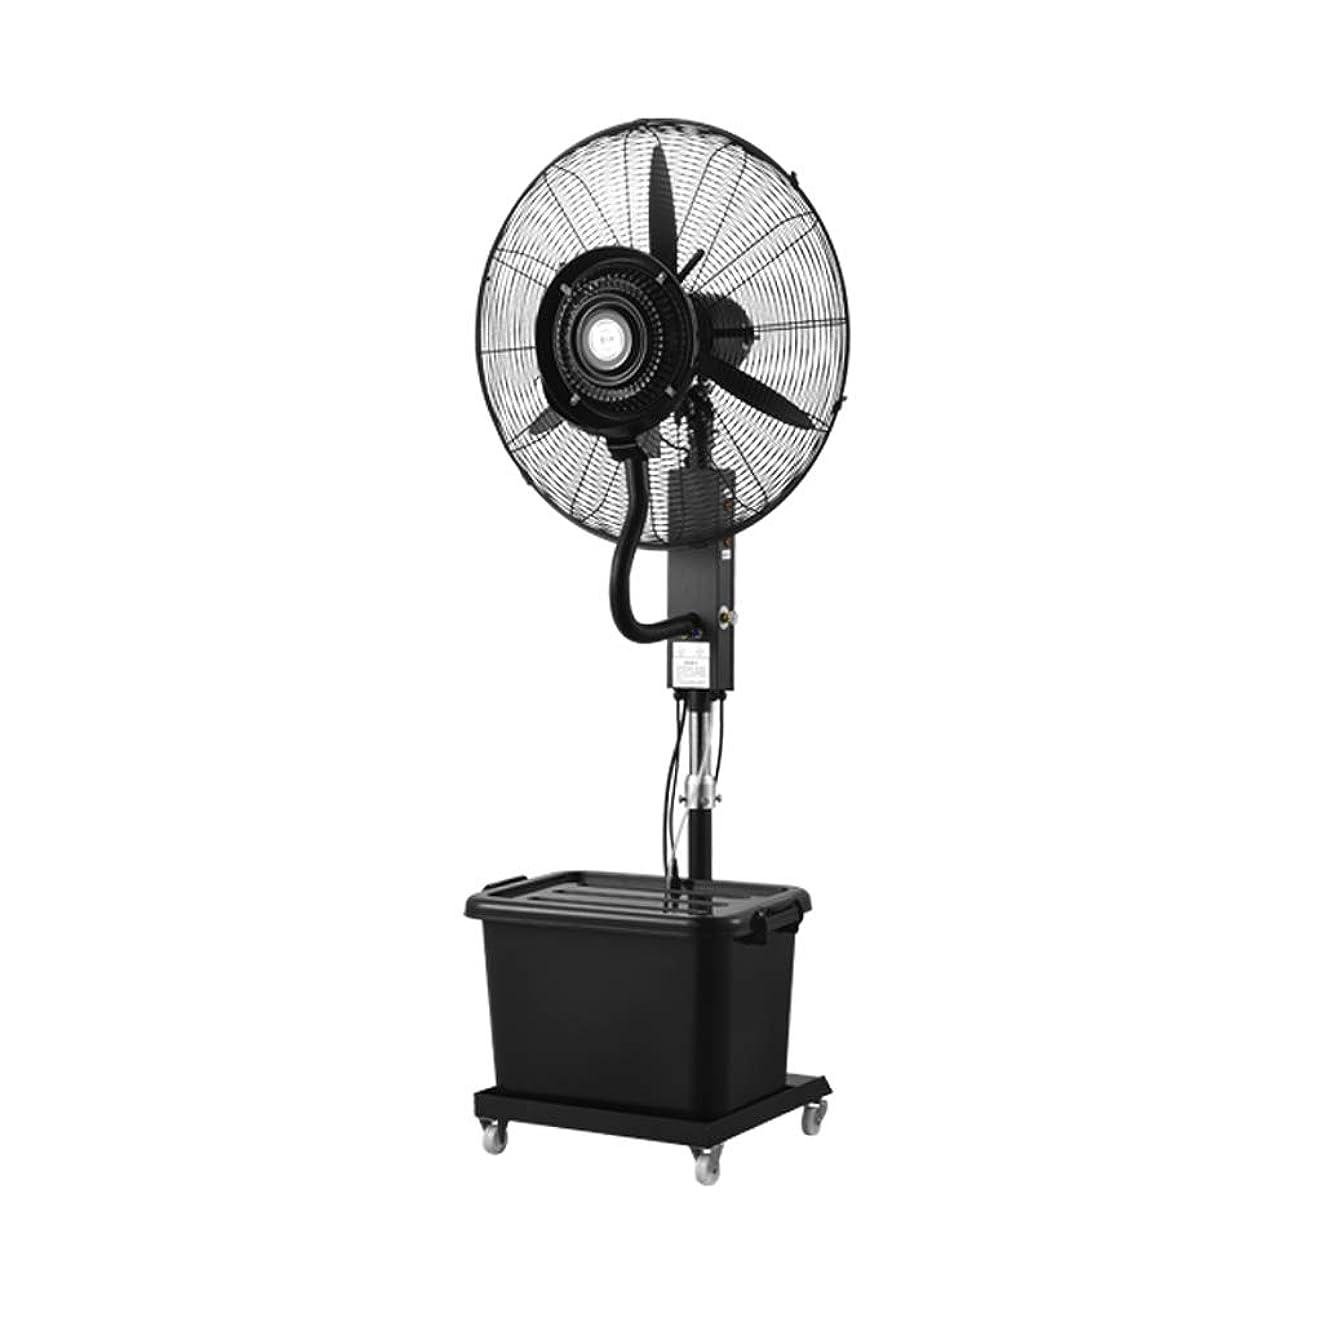 毎年読者こっそりリビング扇風機ハイパワーファン 台座ファン エアサーキュレータ ピボットファンヘッド 42リットル水槽 ノイズリダクション技術 クール3ステイスピード ? - 固定身長175cm